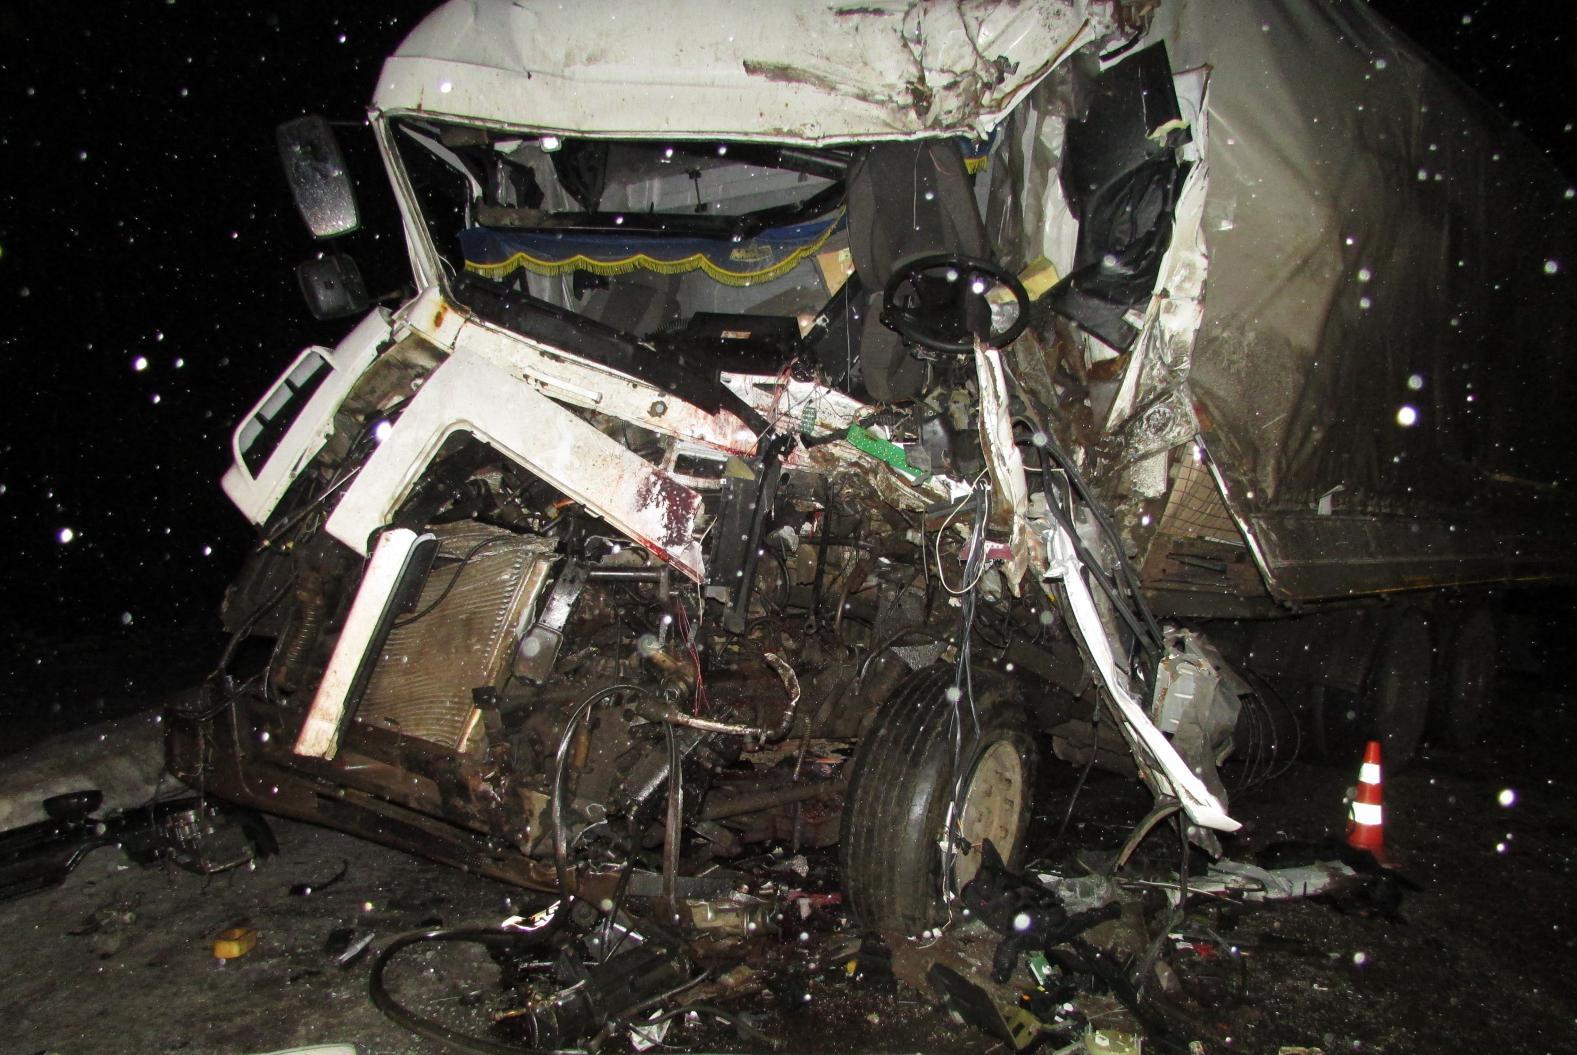 В Великоустюгском районе столкнулись МАЗ и КамАЗ: погиб водитель МАЗа